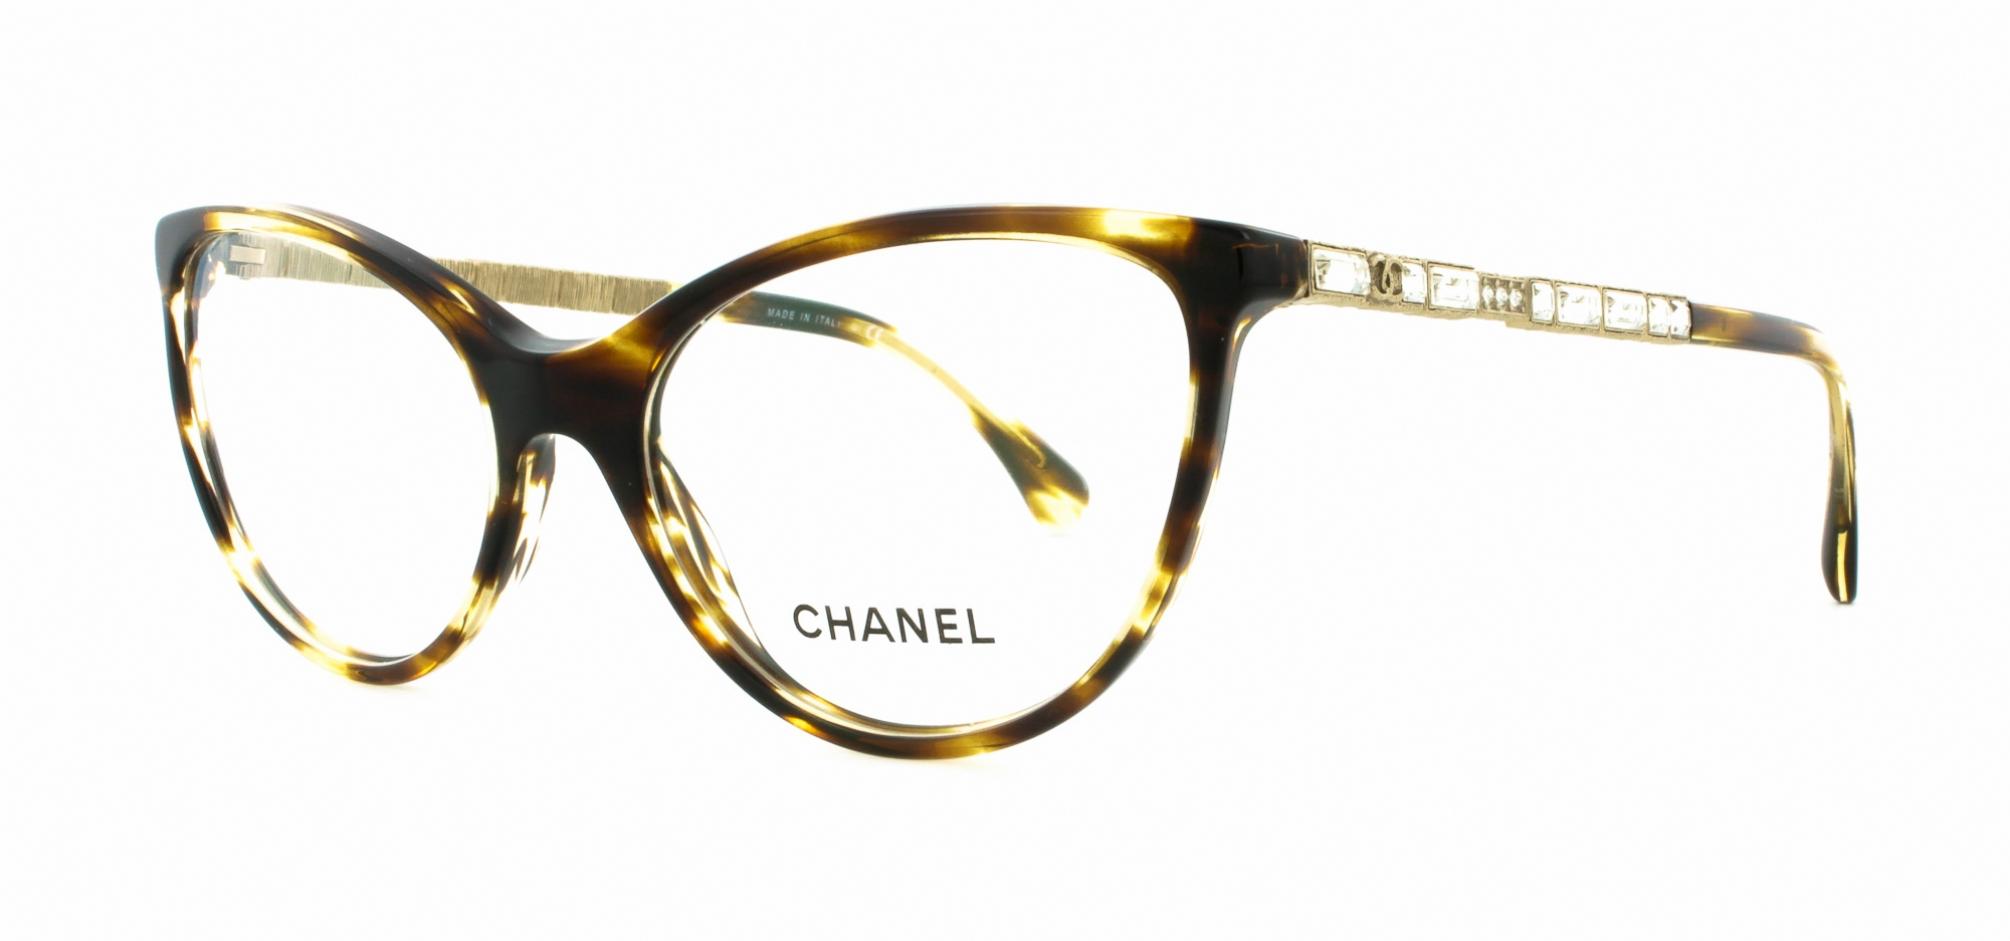 Chanel Frame For Glasses : Chanel 3303b Eyeglasses